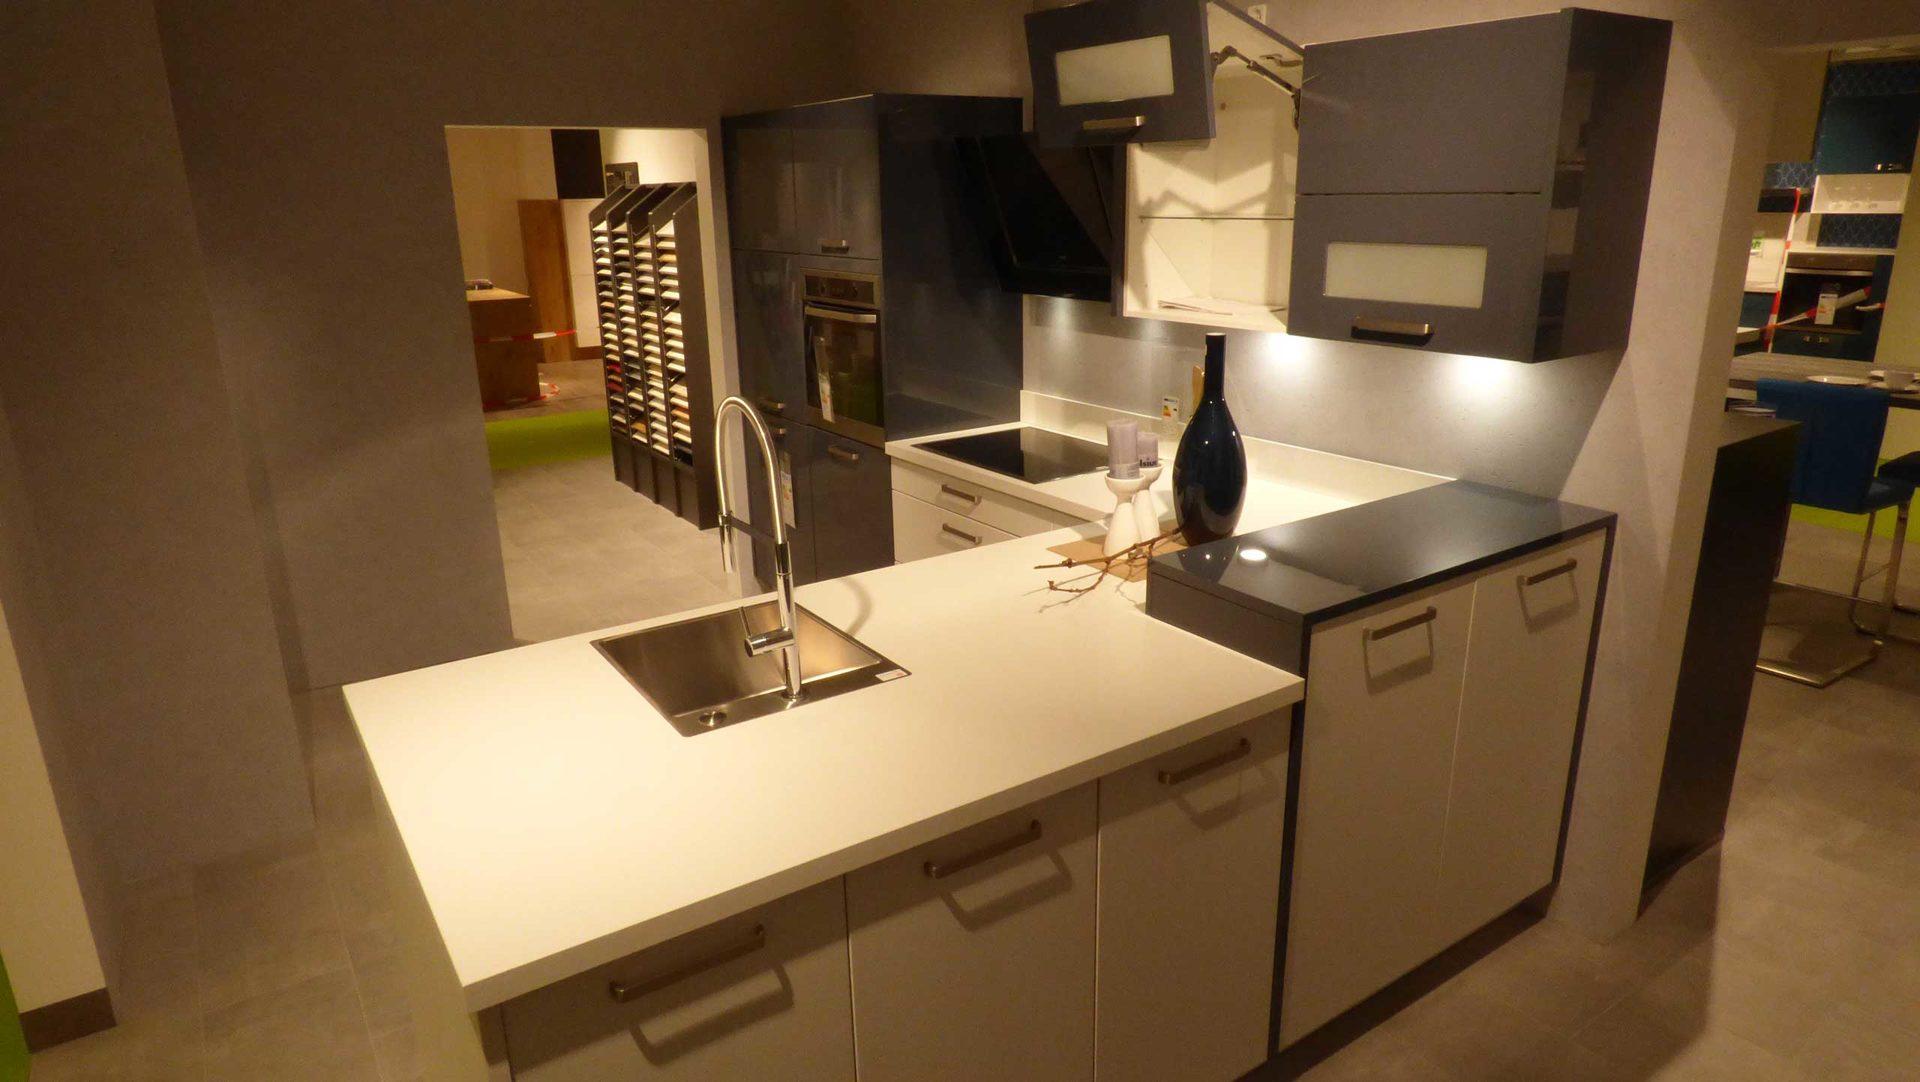 Groß Designer Küchen Und Bäder Dundee Bilder - Küche Set Ideen ...